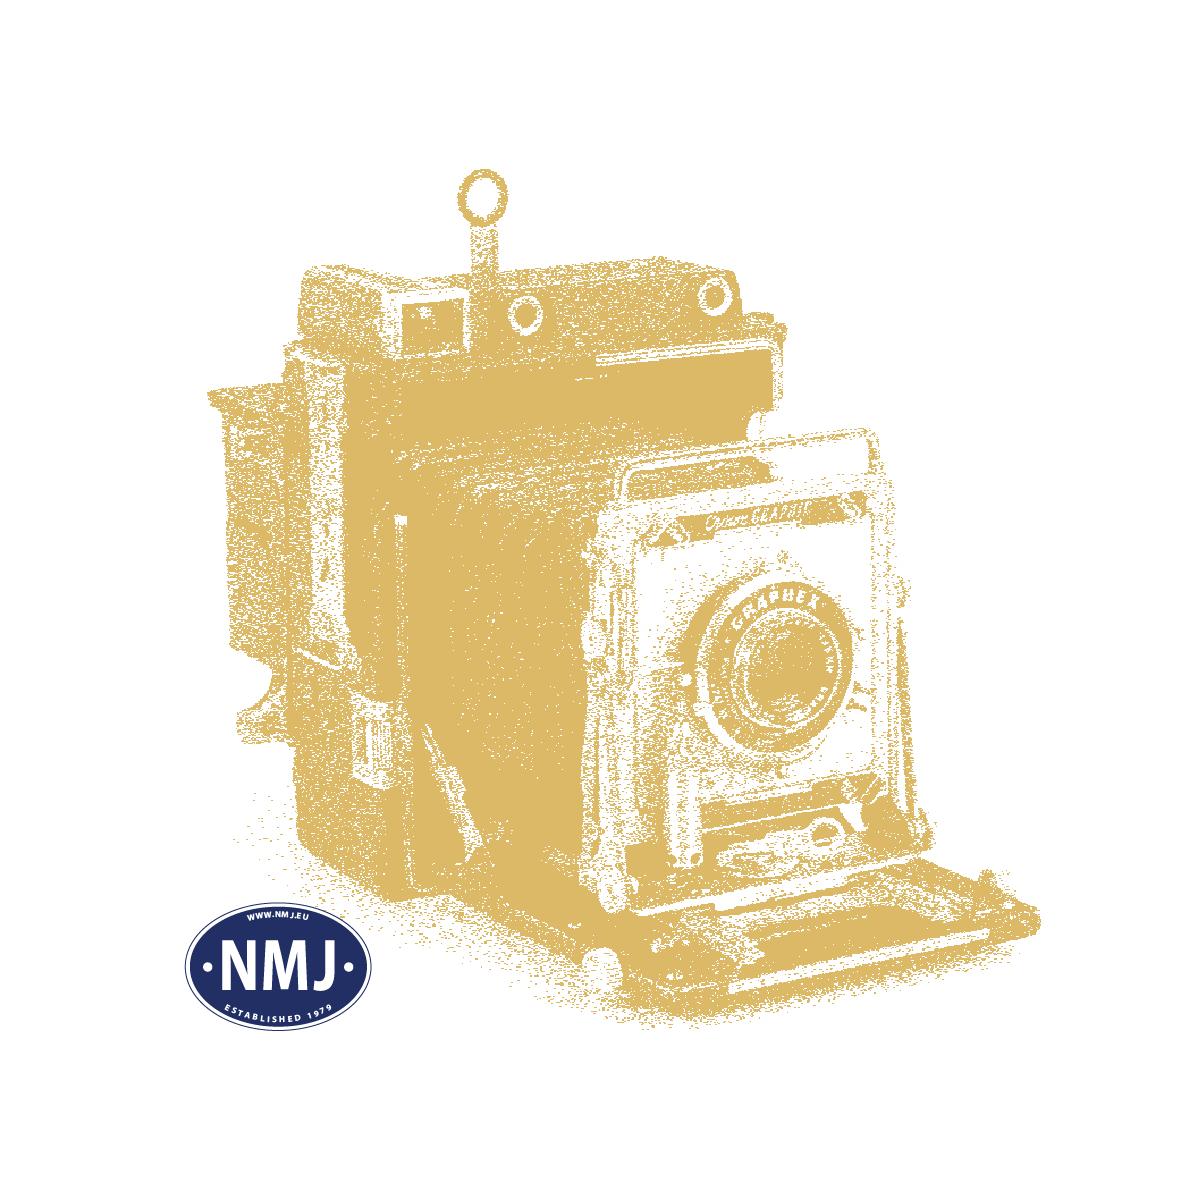 NMJT83.990 - Neue Hauptplatine mit eingebauten DCC Decoder und kräftige Stromspeicher (Kondensator) für Topline Skd 244.